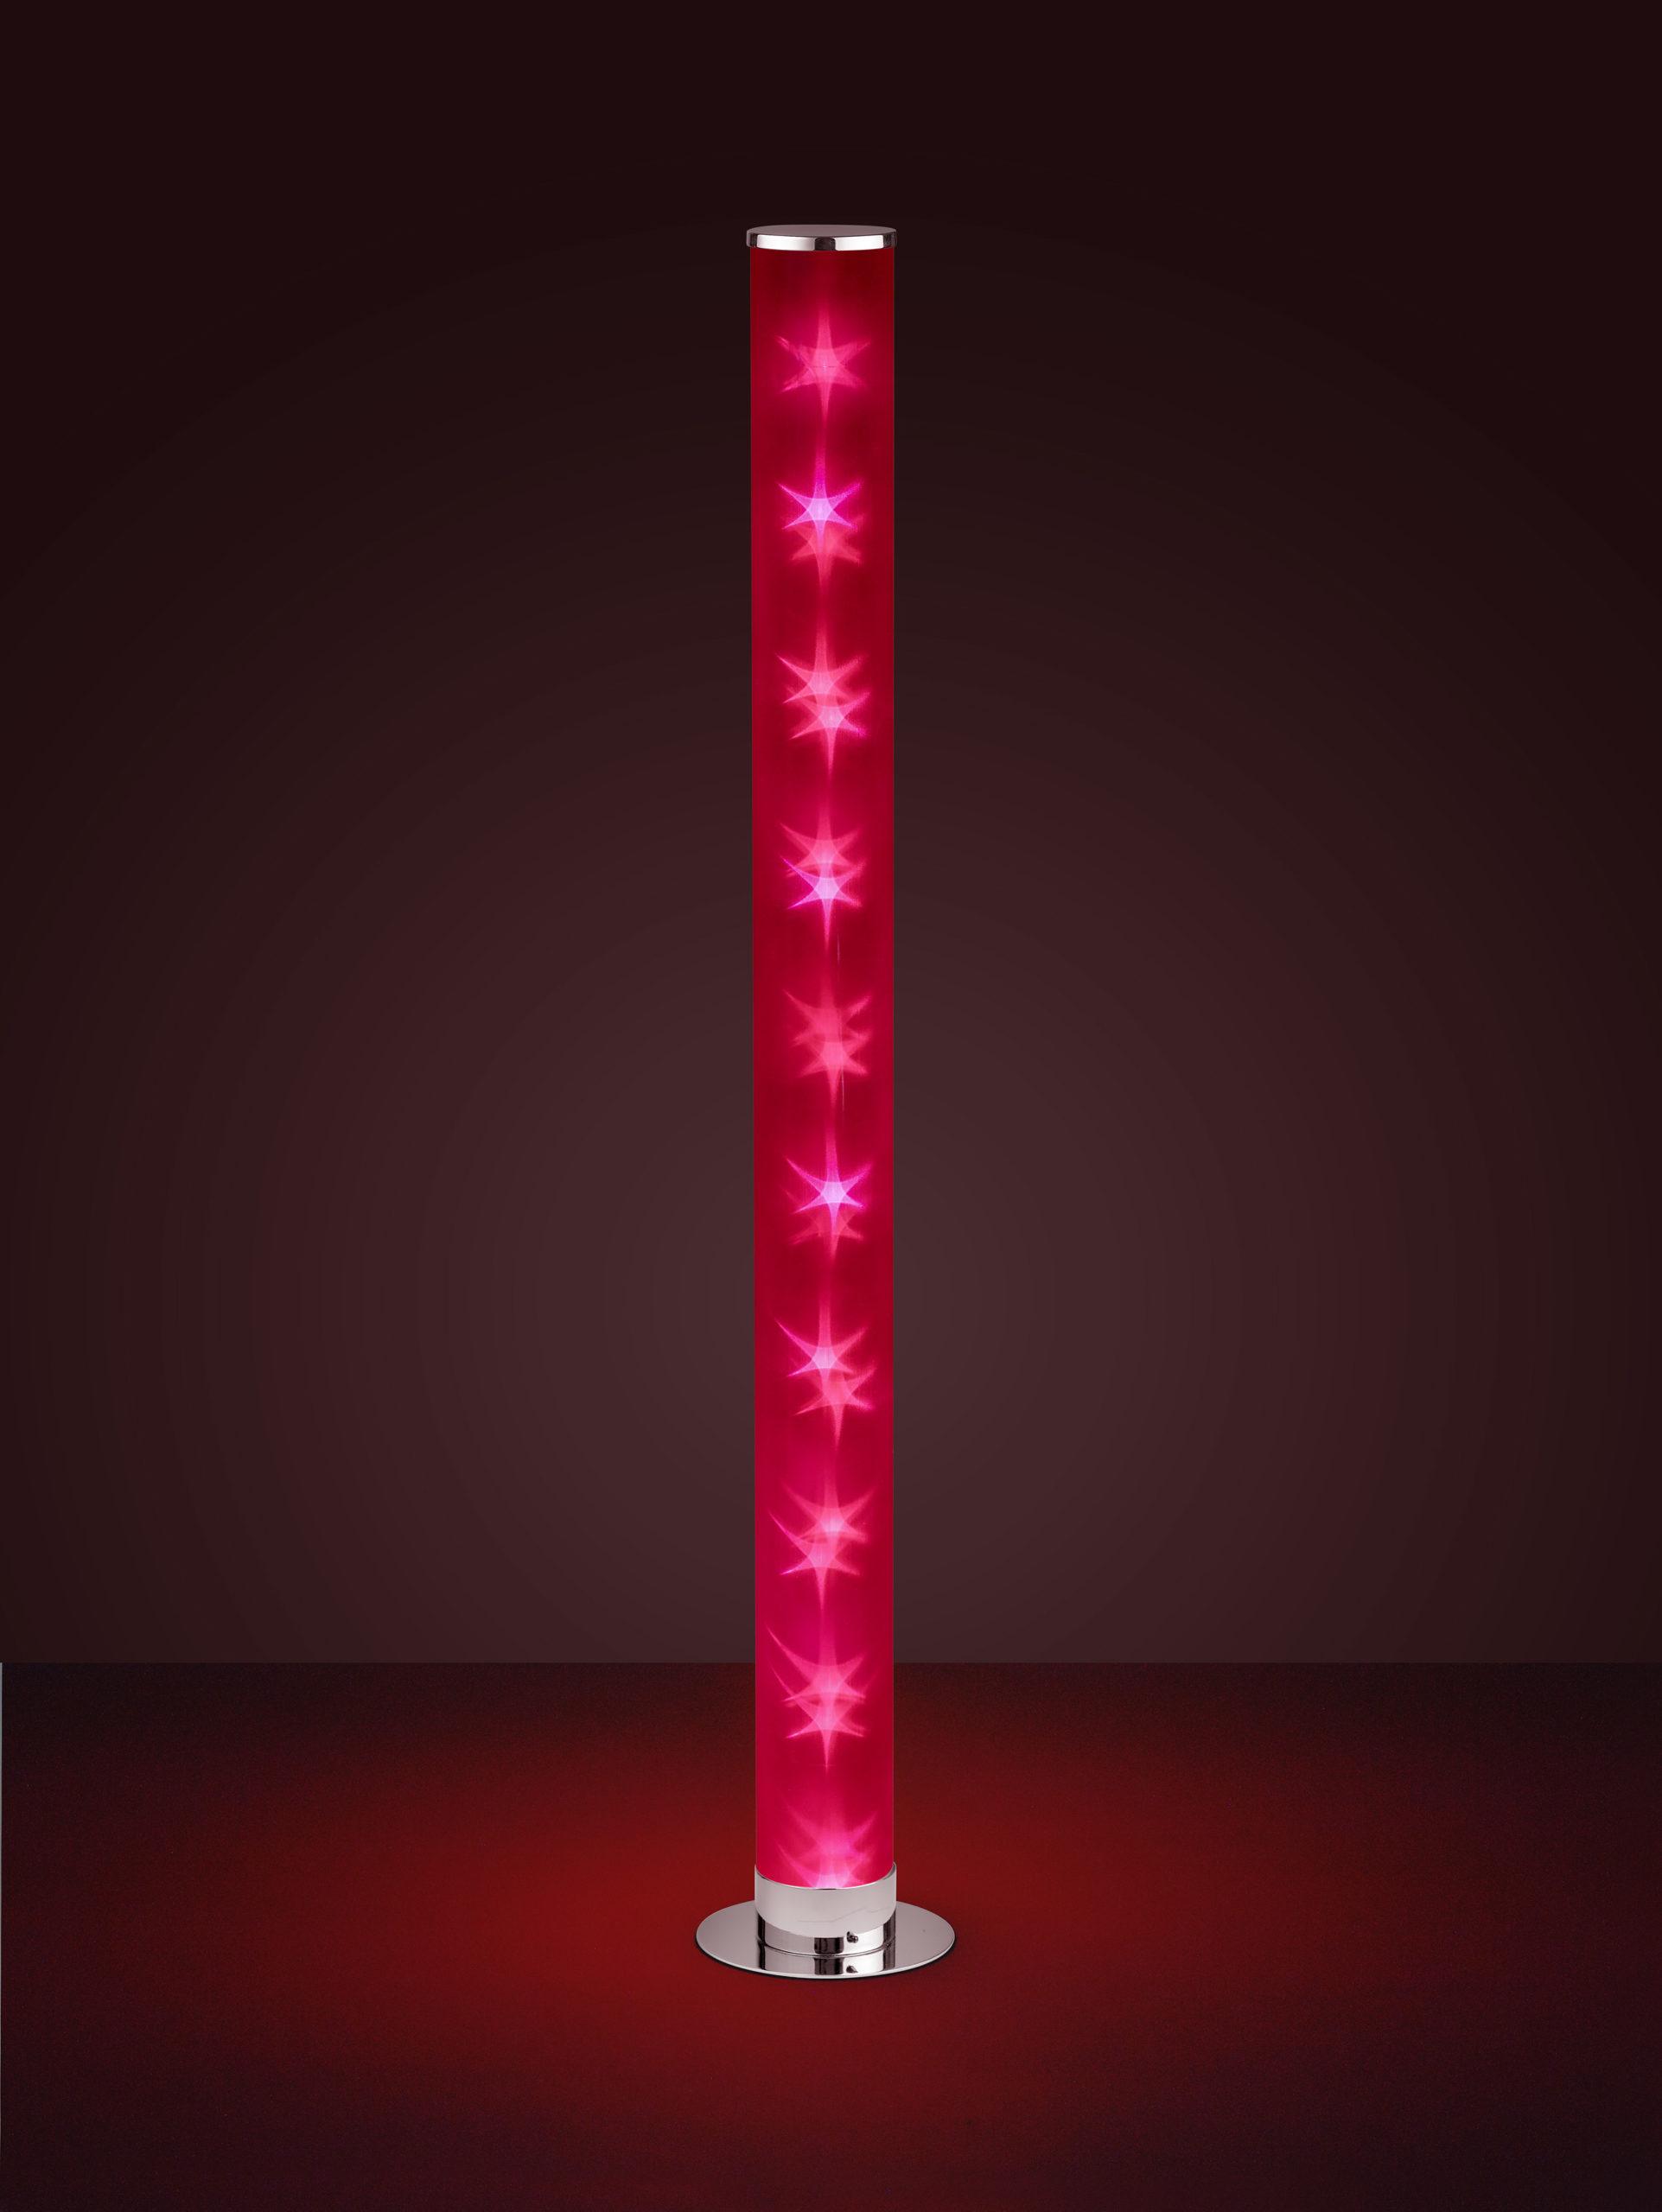 Lampadaire RGBW SMD LED, 4W · 1x 150lm, 3000K